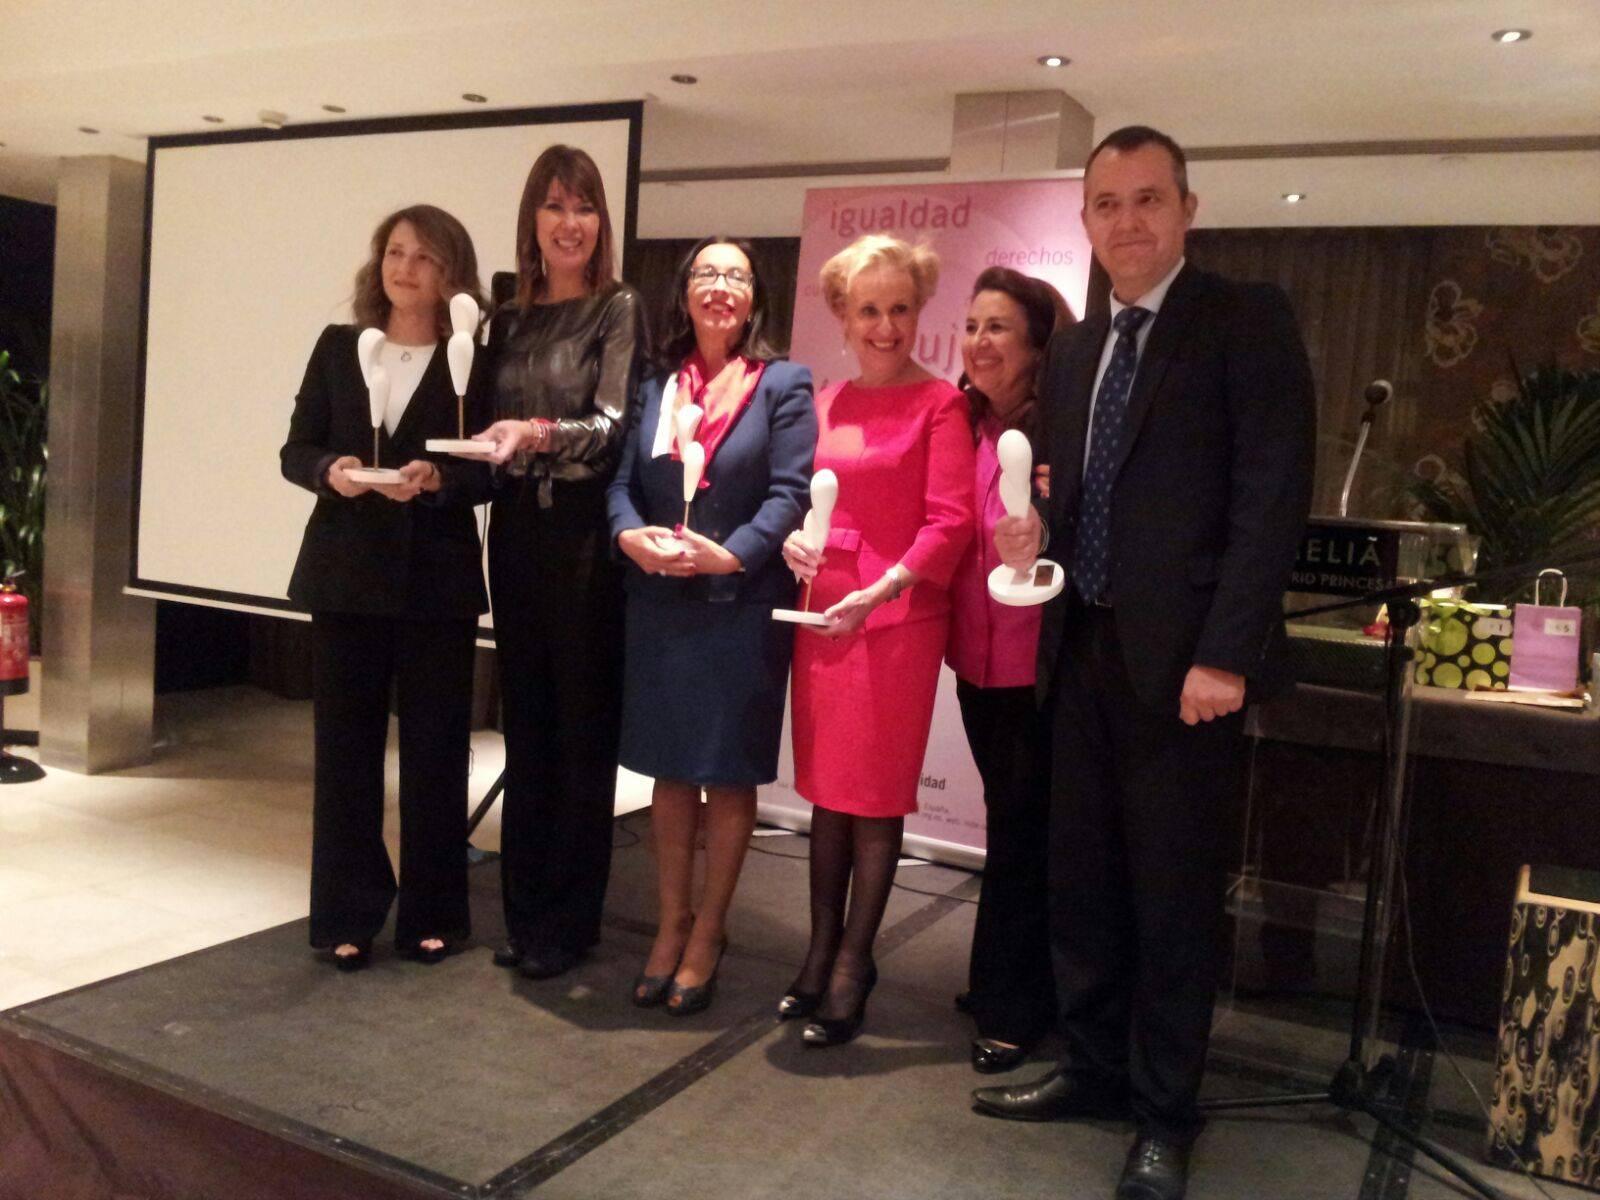 premiados premios solidarios 2015 mujeres para el dialogo - Entrega de premios solidarios 2015 de Mujeres para el Diálogo